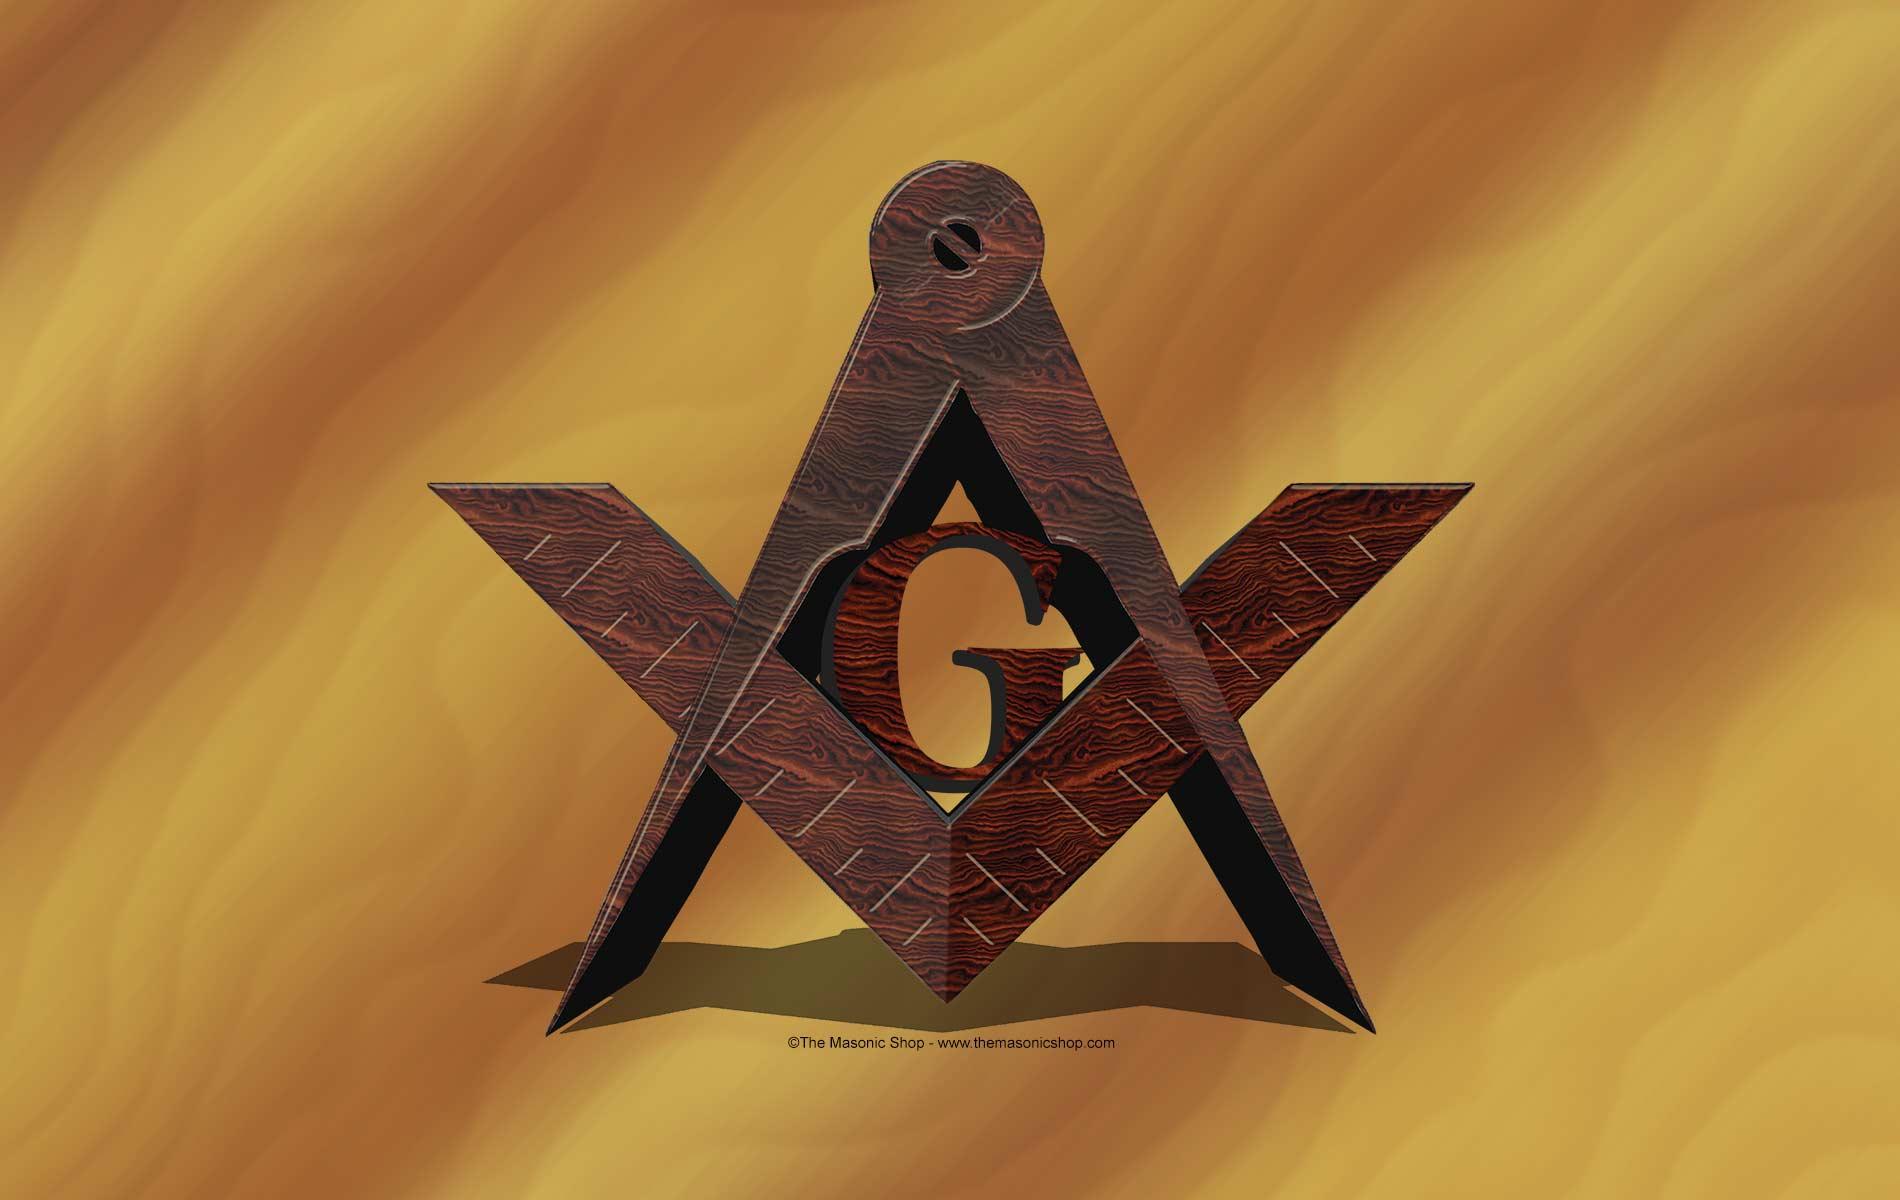 masonic wallpaper courtesy of the masonic shop page six